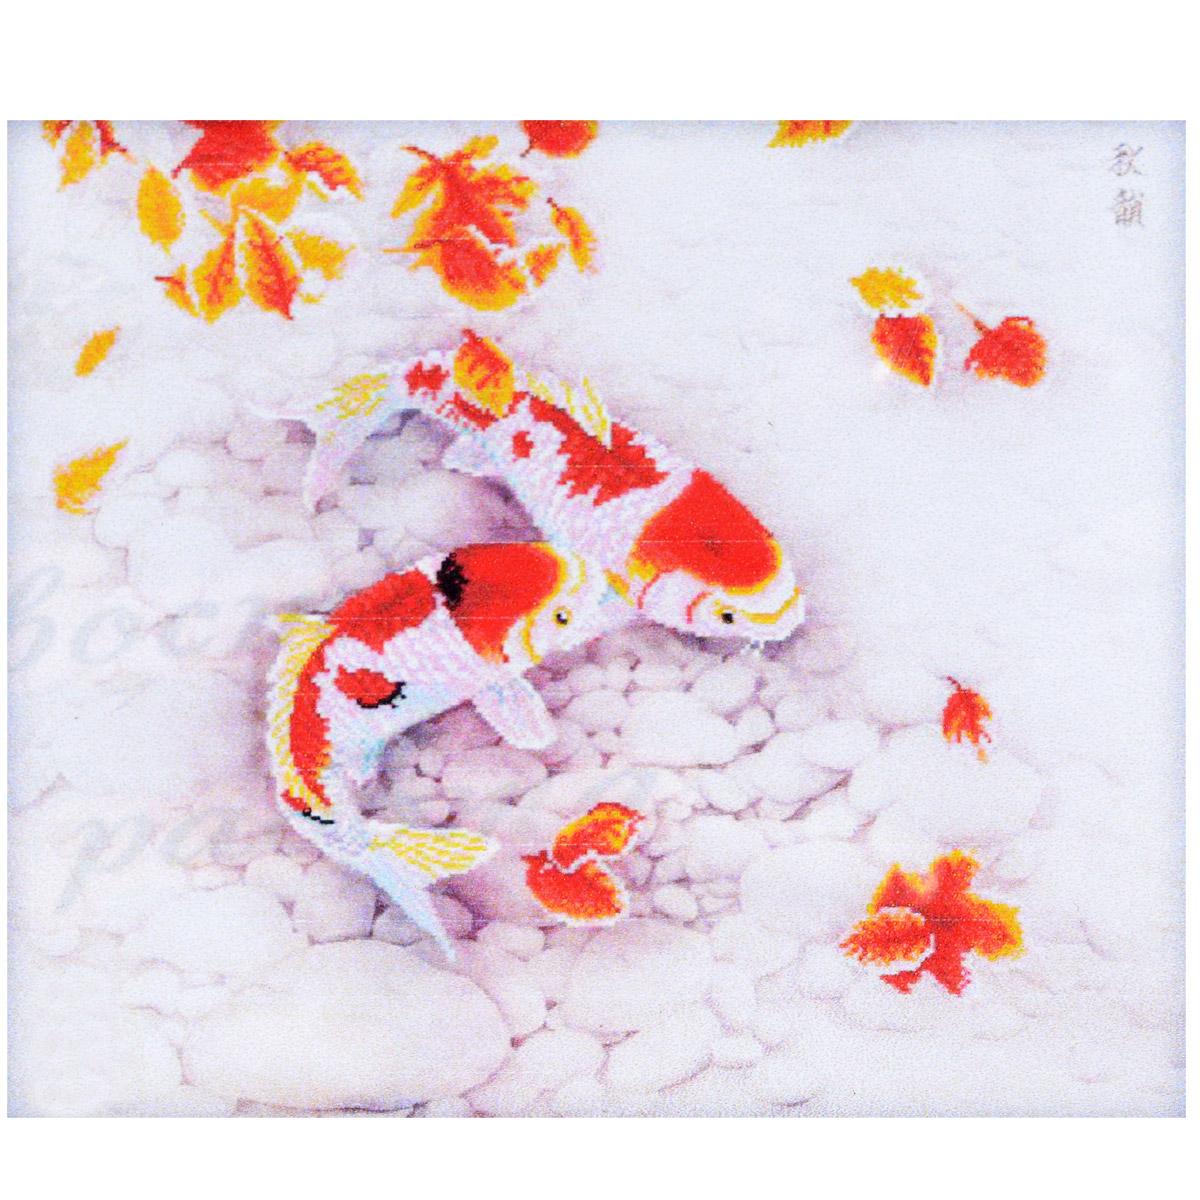 Набор для изготовления картины со стразами Cristal Рыбки, 81 см х 69 см7710731.9019Набор для изготовления картины со стразами Cristal Рыбки поможет вам создать свой личный шедевр. Работа, выполненная своими руками, станет отличным подарком для друзей и близких! Набор содержит: - полотно-схема с нанесенным рисунком и клеевым слоем (размер 89 см х 76 см), - пластиковое блюдце; - стразы (15 цветов), - клей для страз; - карандаш; - точилка; - пинцет; - 2 ватные палочки; - 2 маленьких пакетика; - инструкция на русском языке. Подарите близким тепло ваших рук!